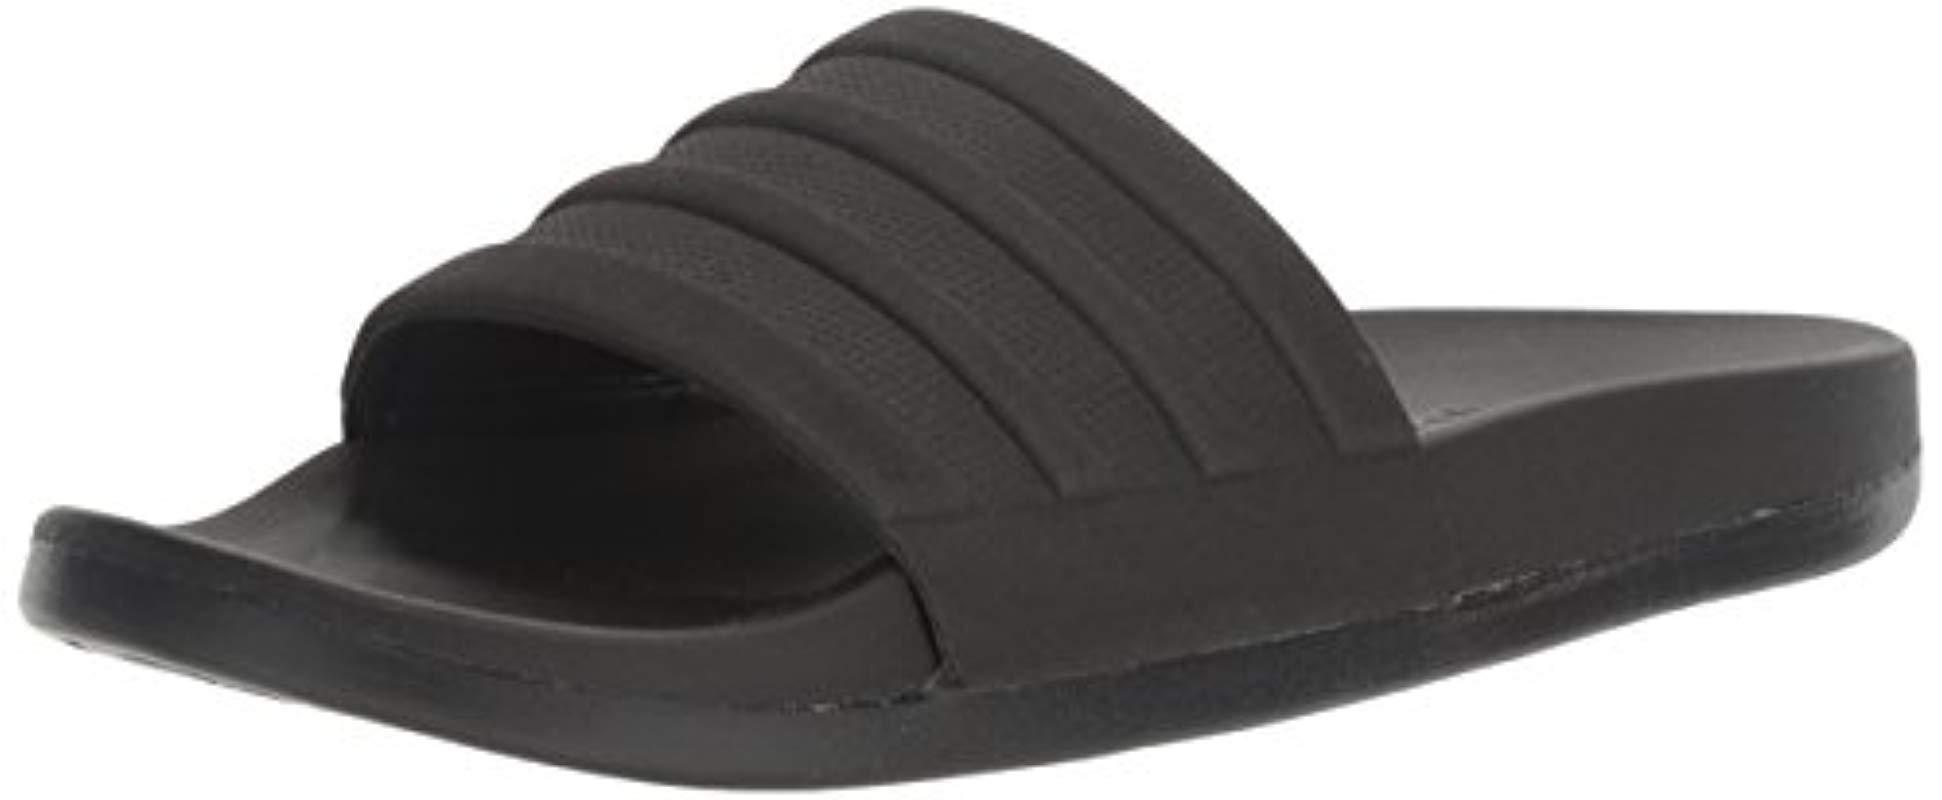 8ff3ed849025 Lyst - adidas Adilette Comfort Slide Sandal Black